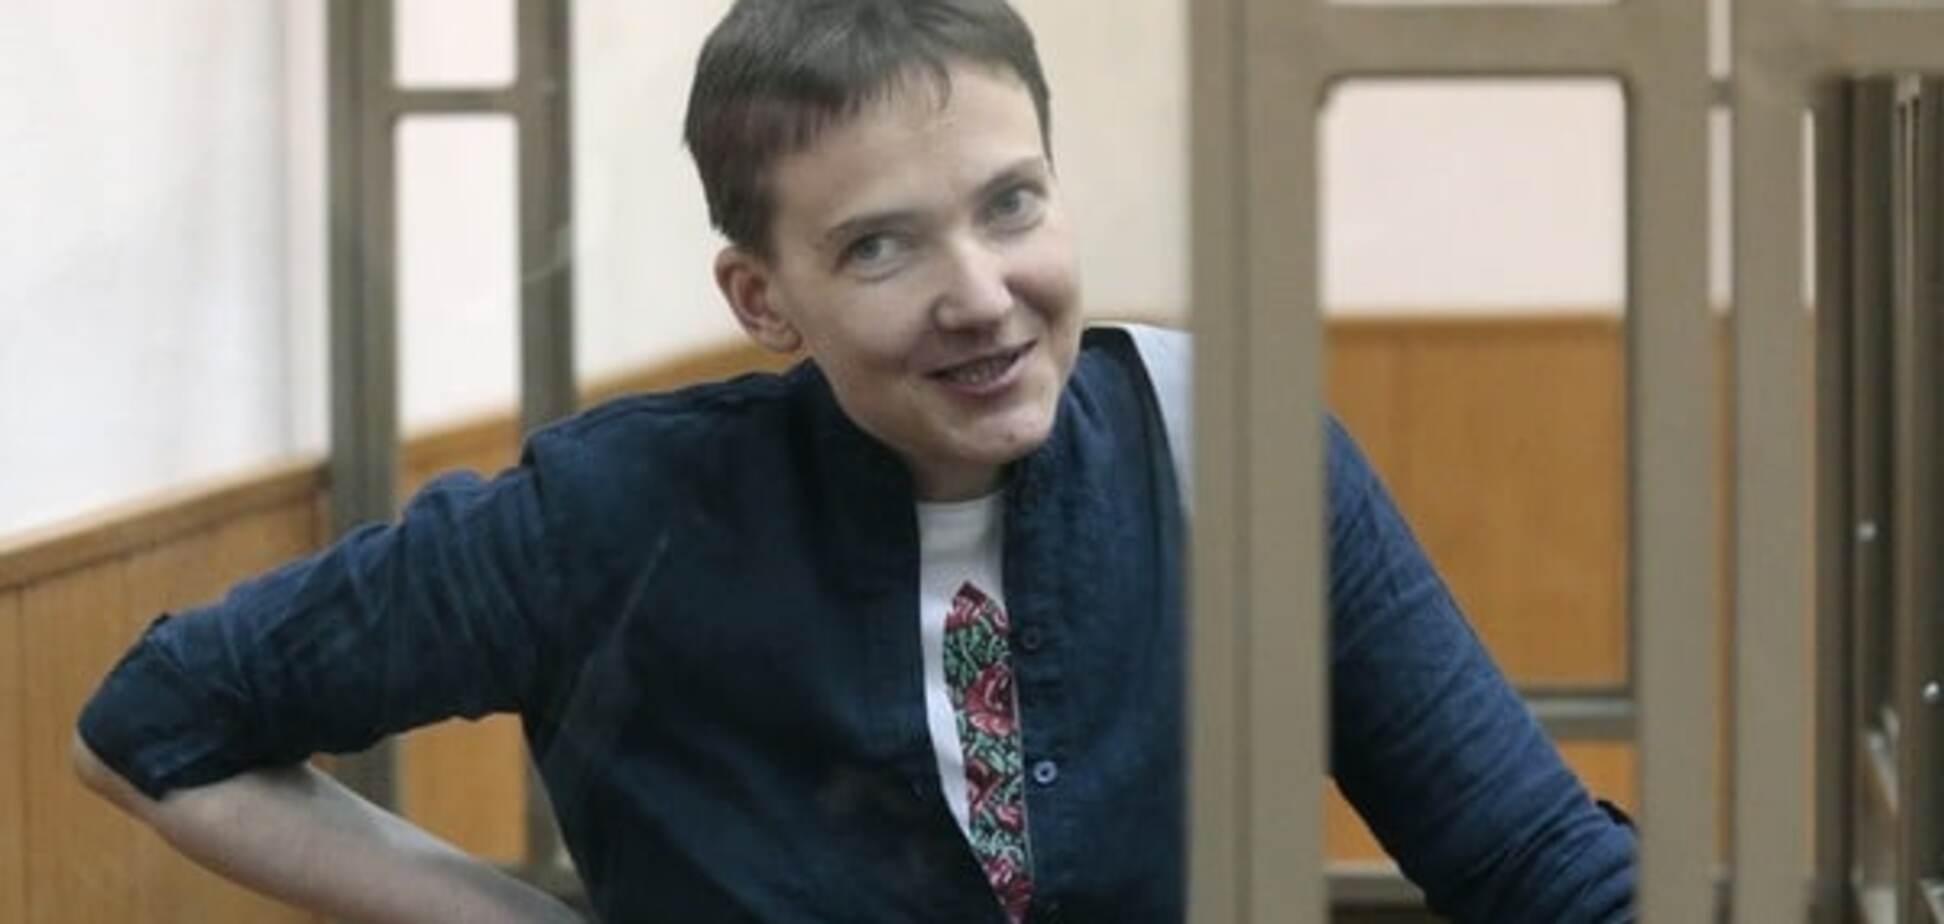 Стан Савченко 'на межі', вона виснажена - адвокат